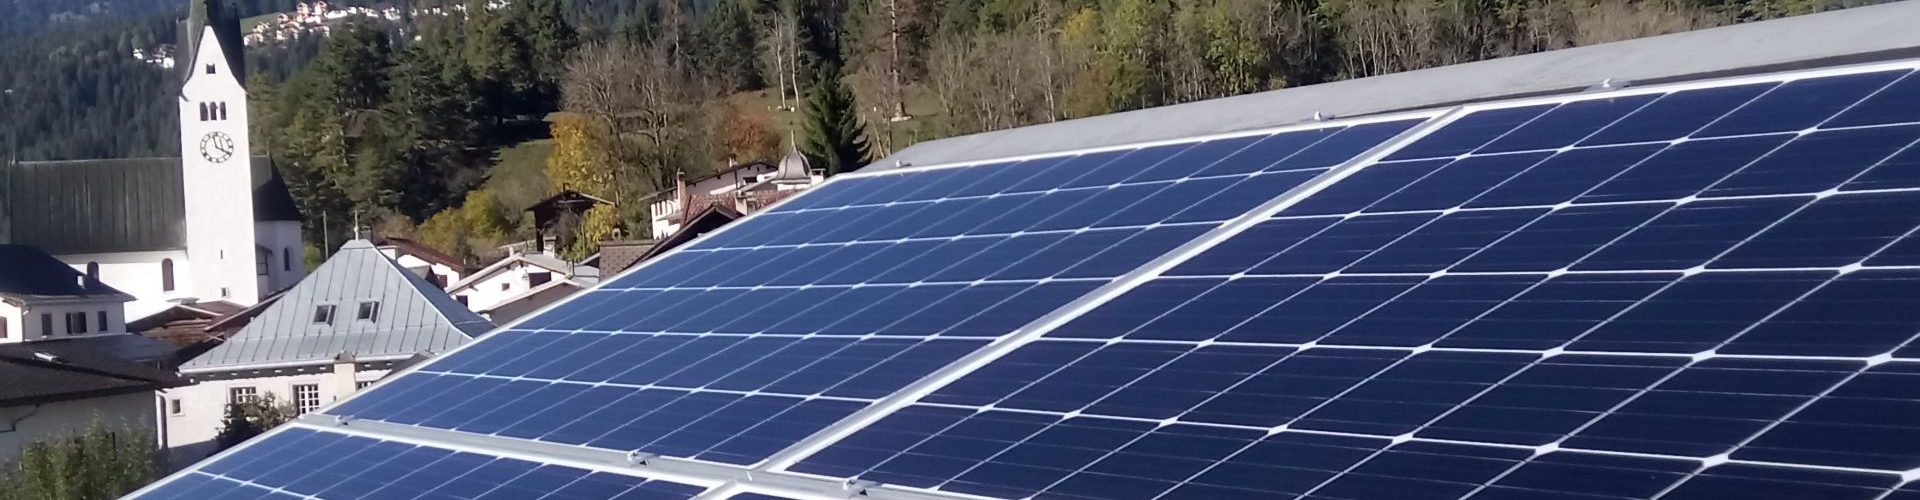 Photovoltaik (PV) Eigenbedarfsanlage Bed and Breakfast Buchli, Valendas